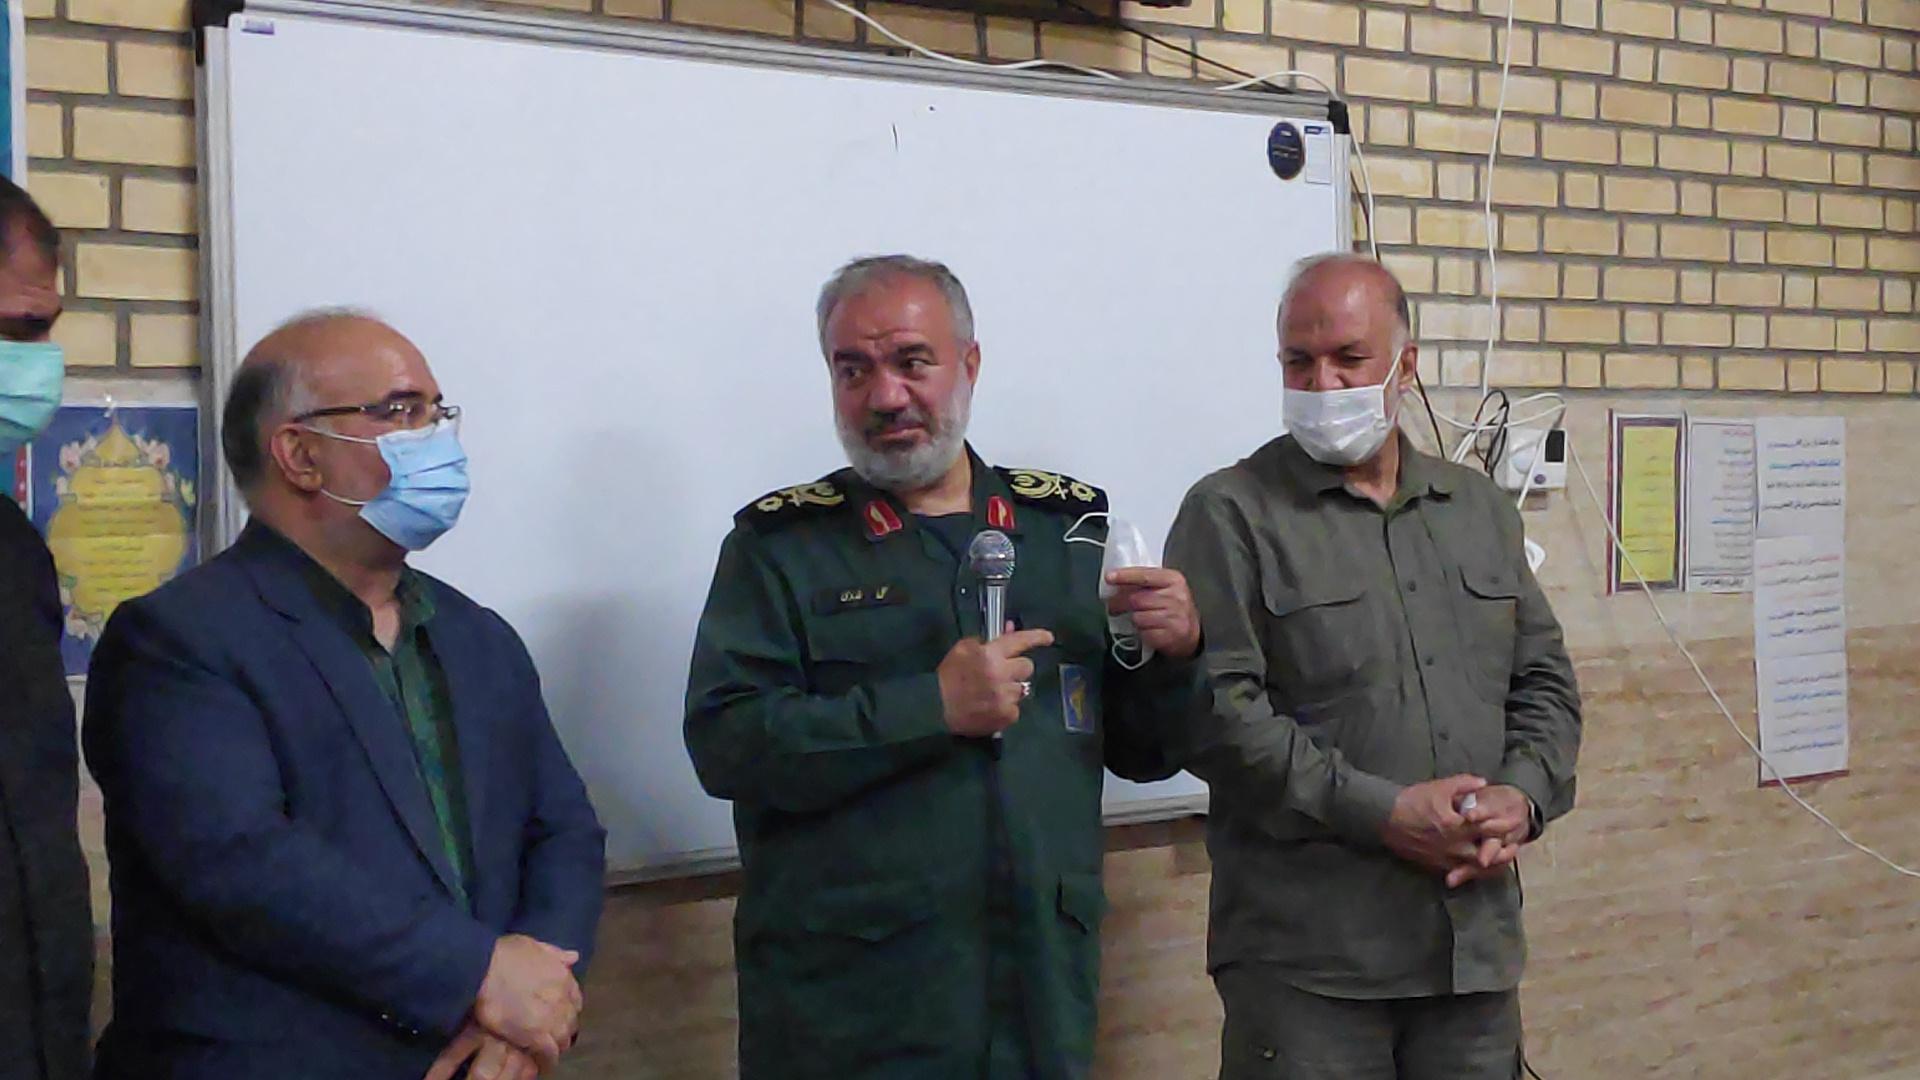 بازدید سرزده جانشین فرماندهی سپاه پاسداران انقلاب اسلامی از اردوگاه کرامت مبارکه